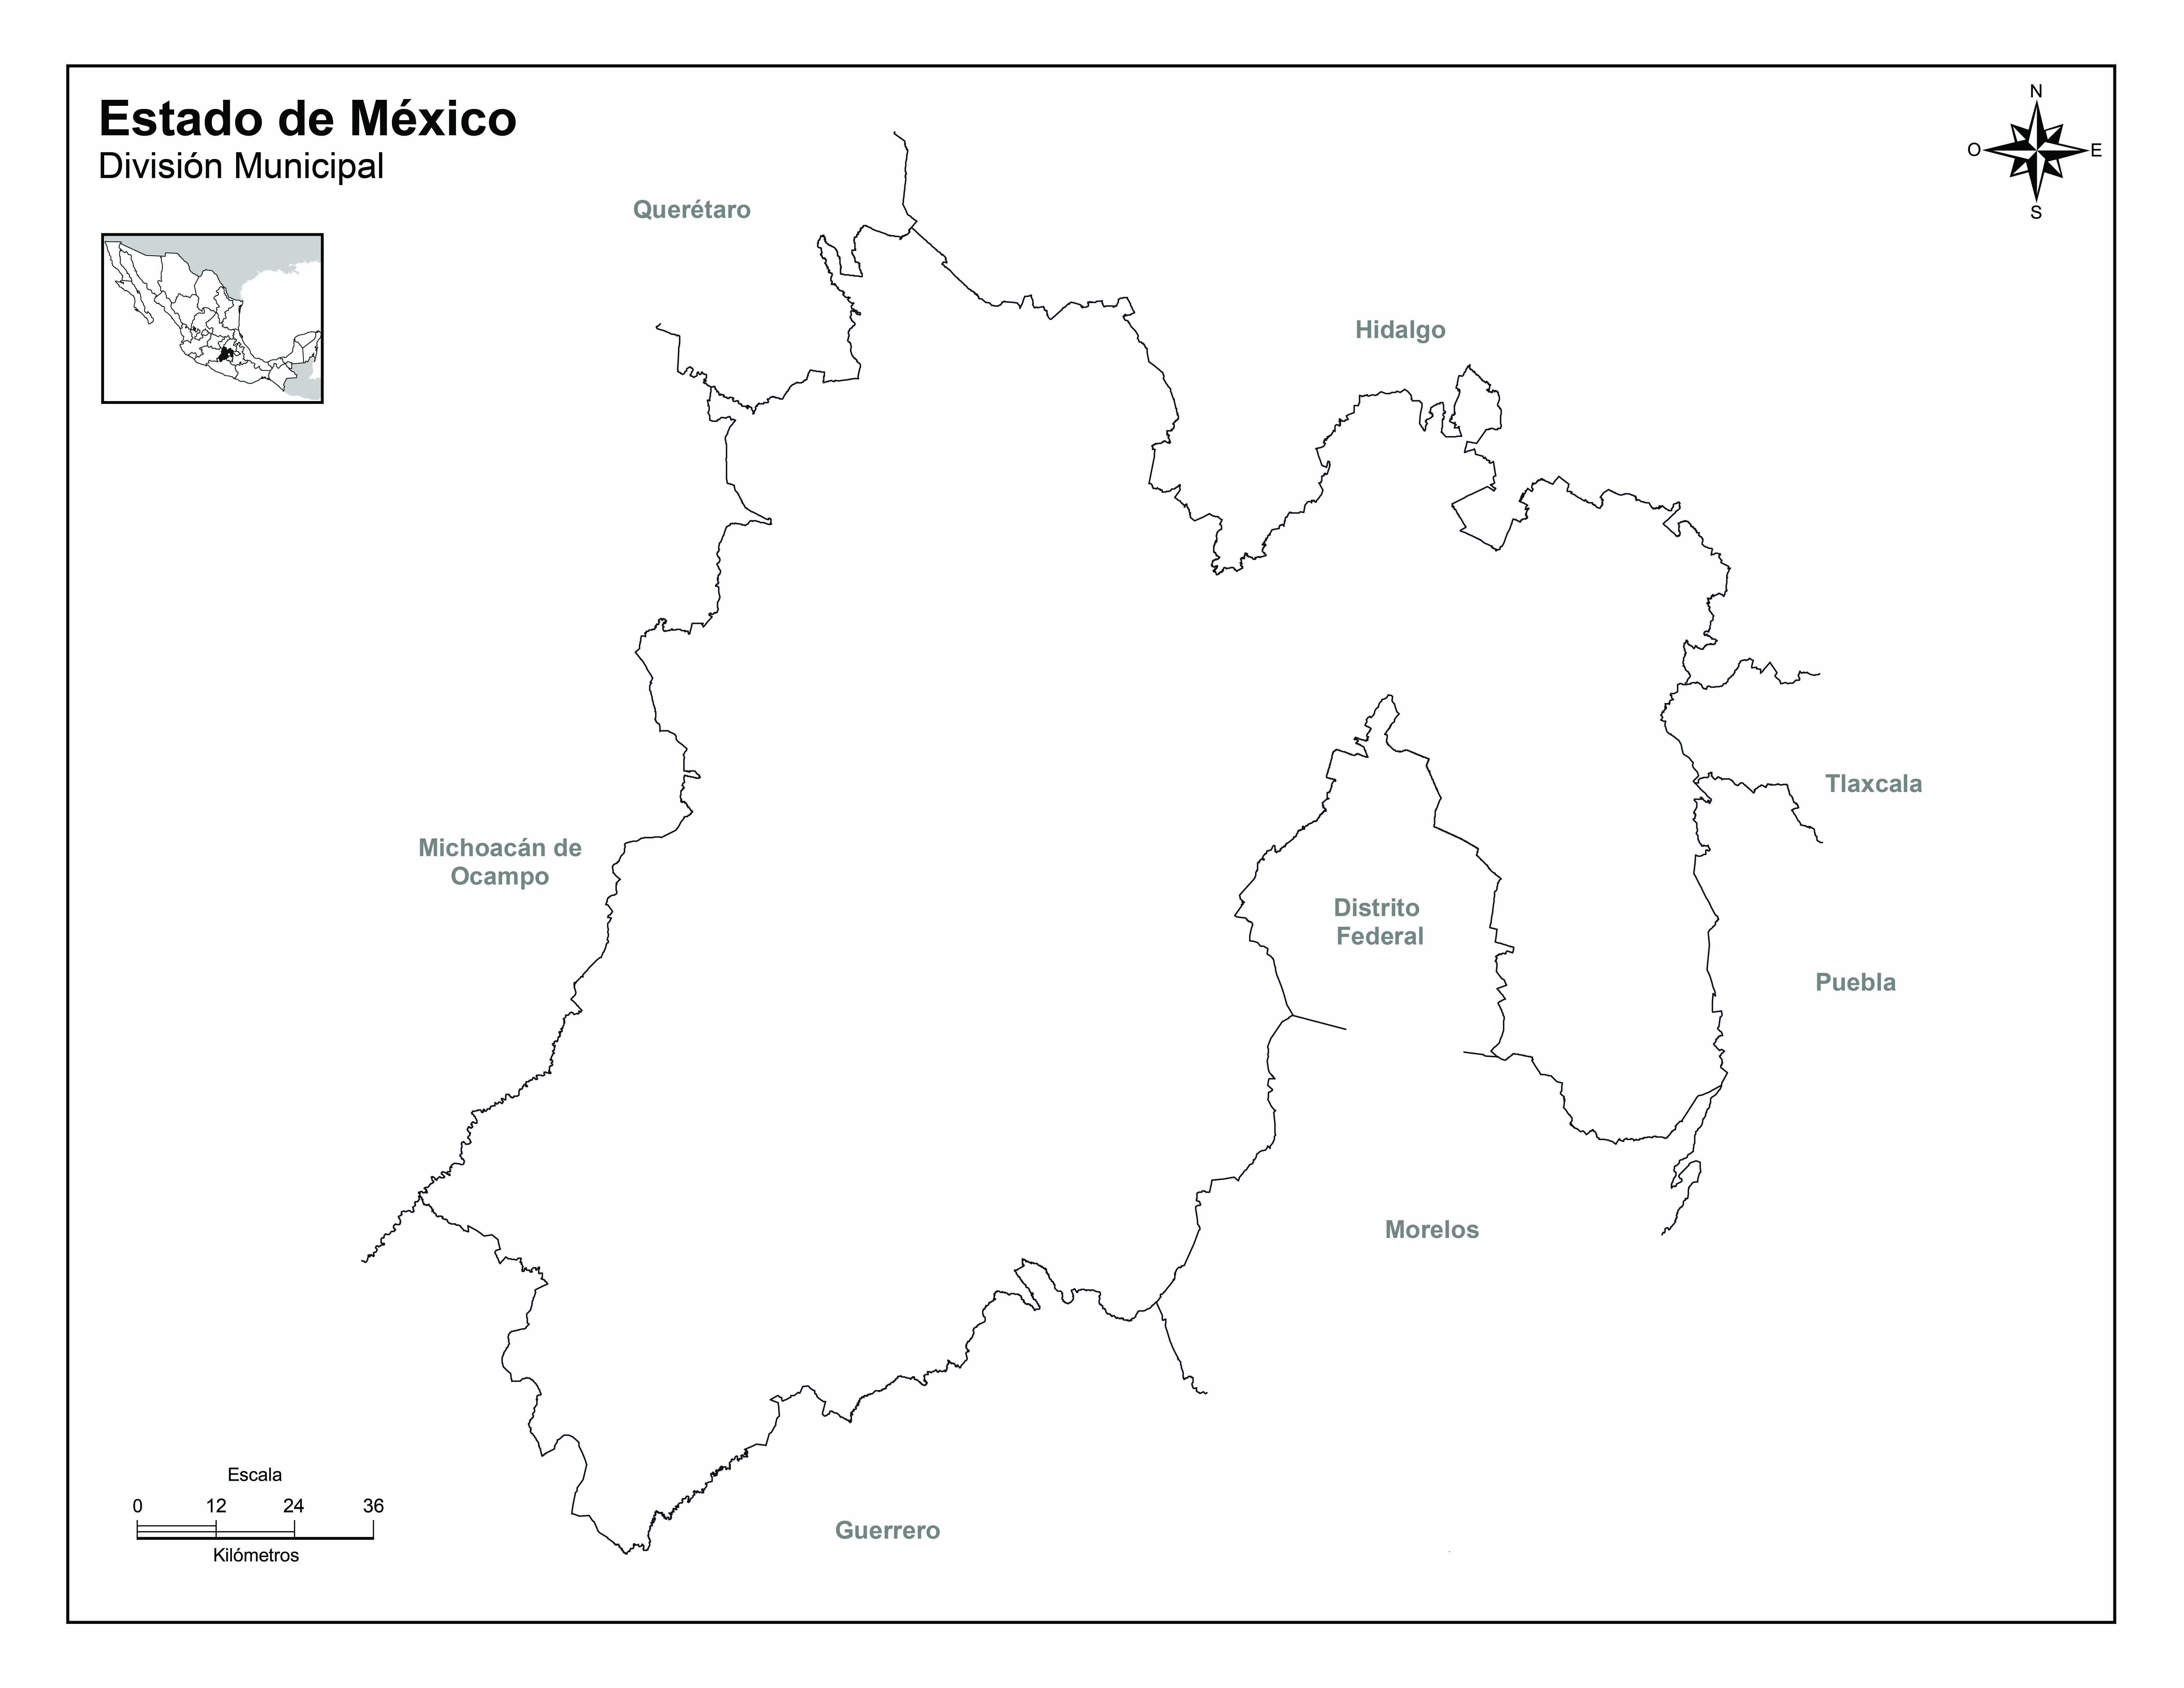 mapa del estado de mexico para dibujar